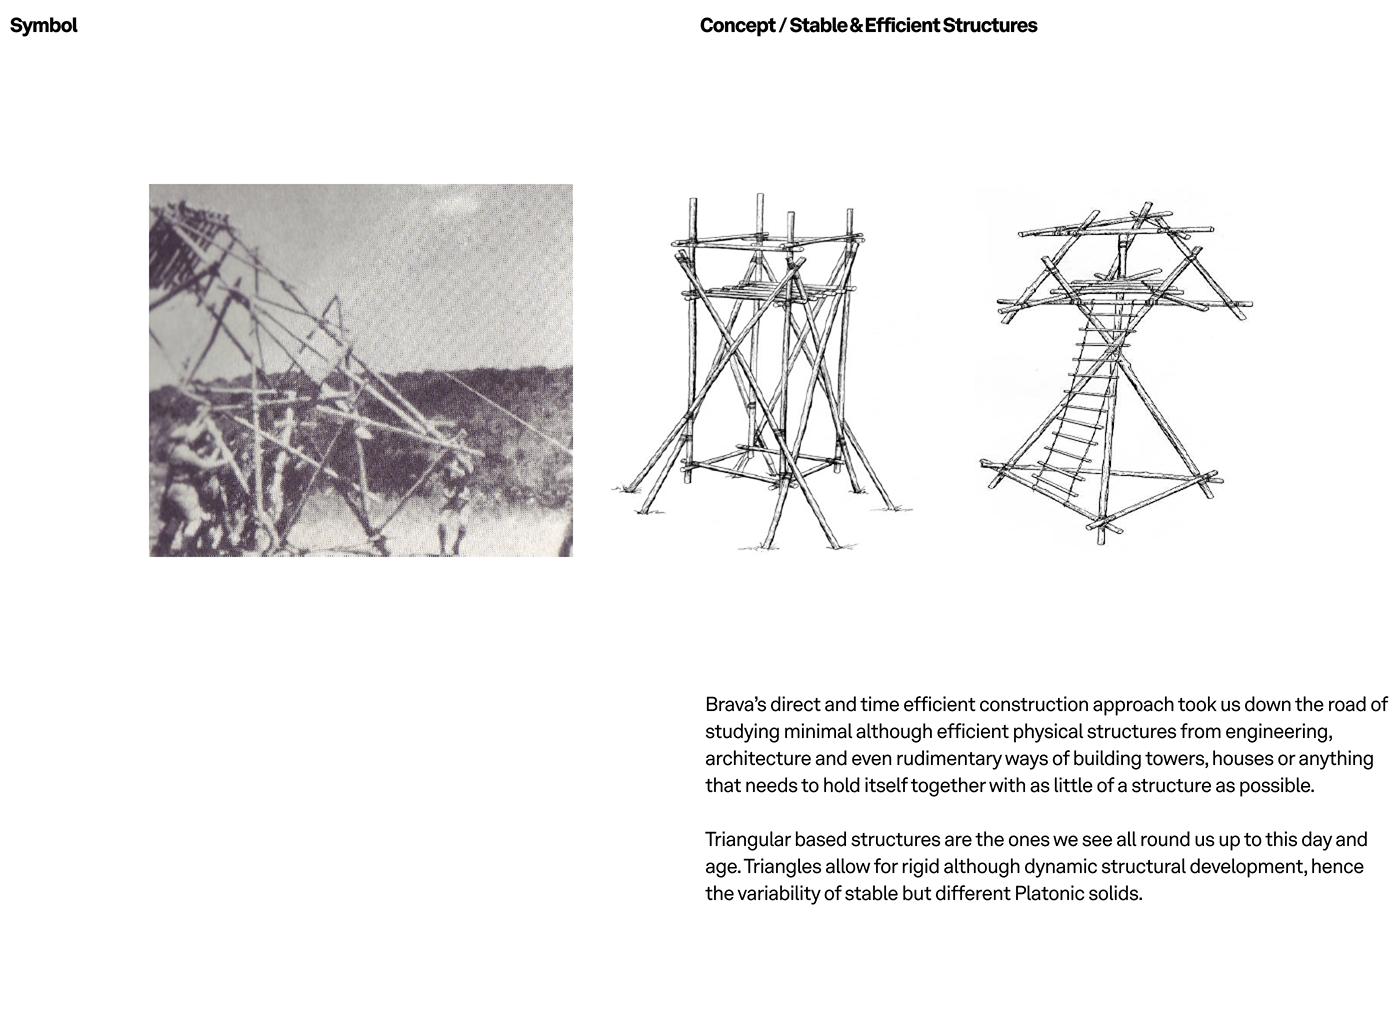 Symbol design concept, efficient triangular structures